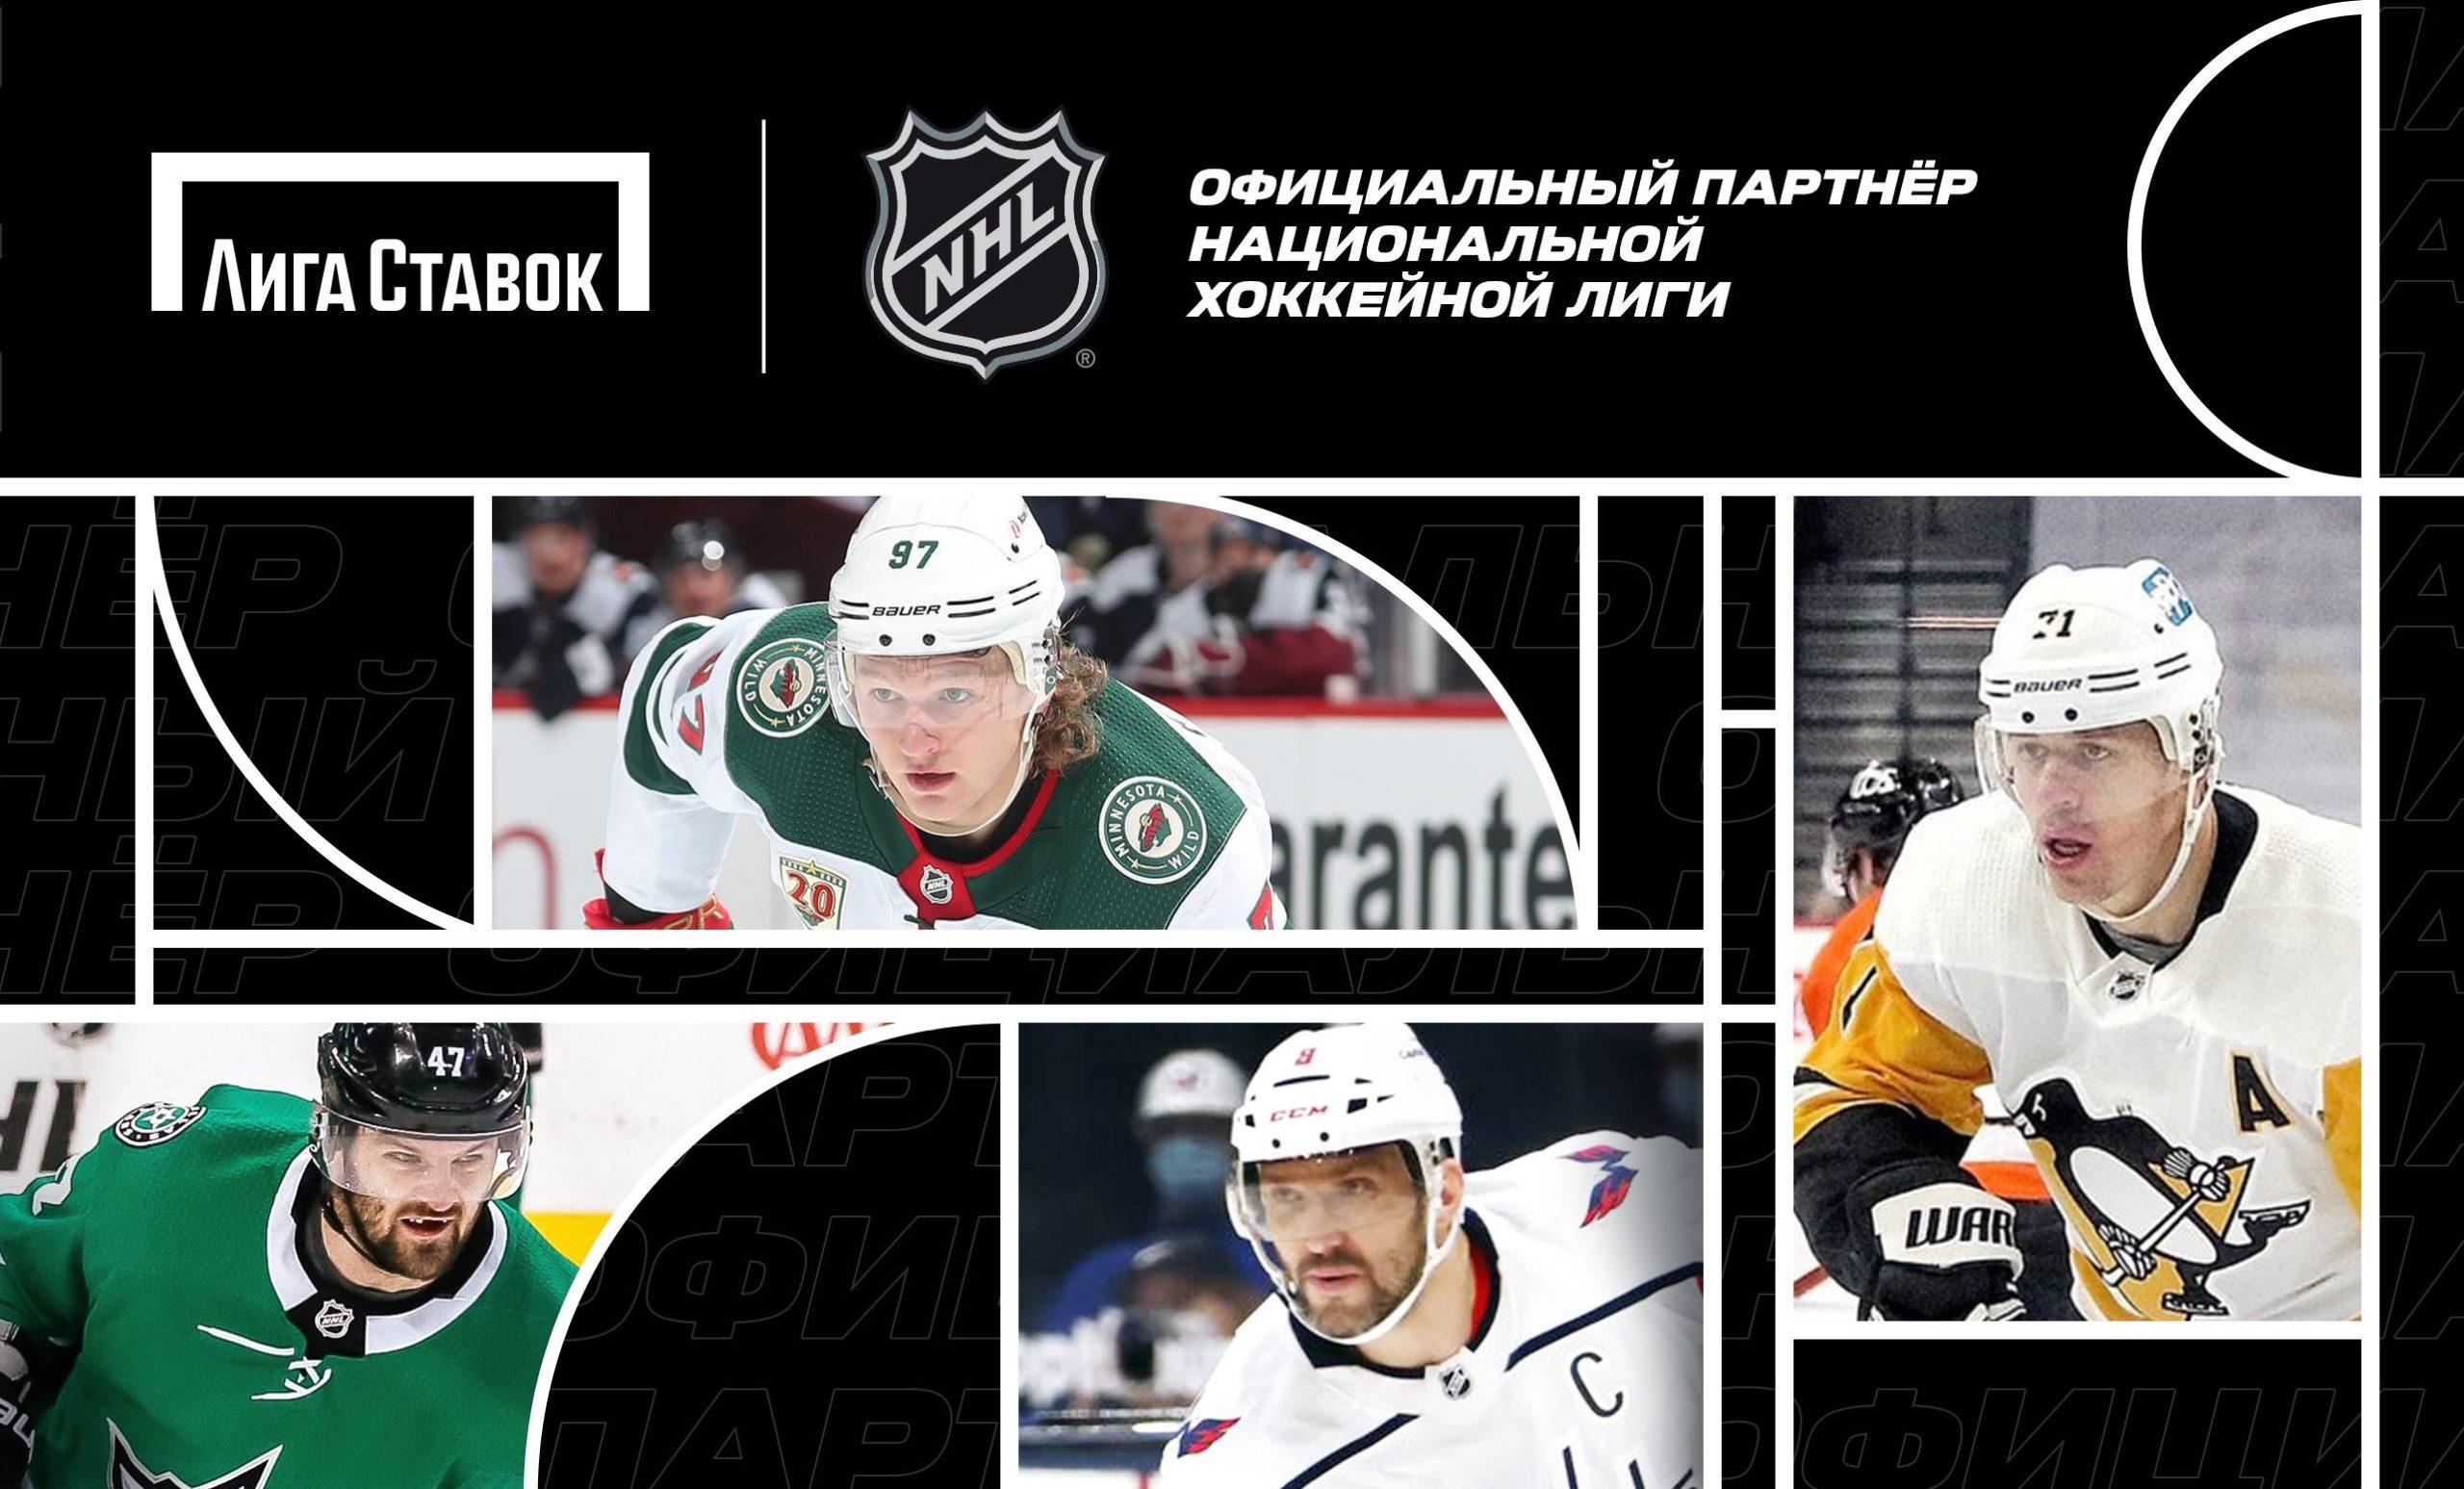 «Лига Ставок» стала официальным партнёром Национальной хоккейной лиги